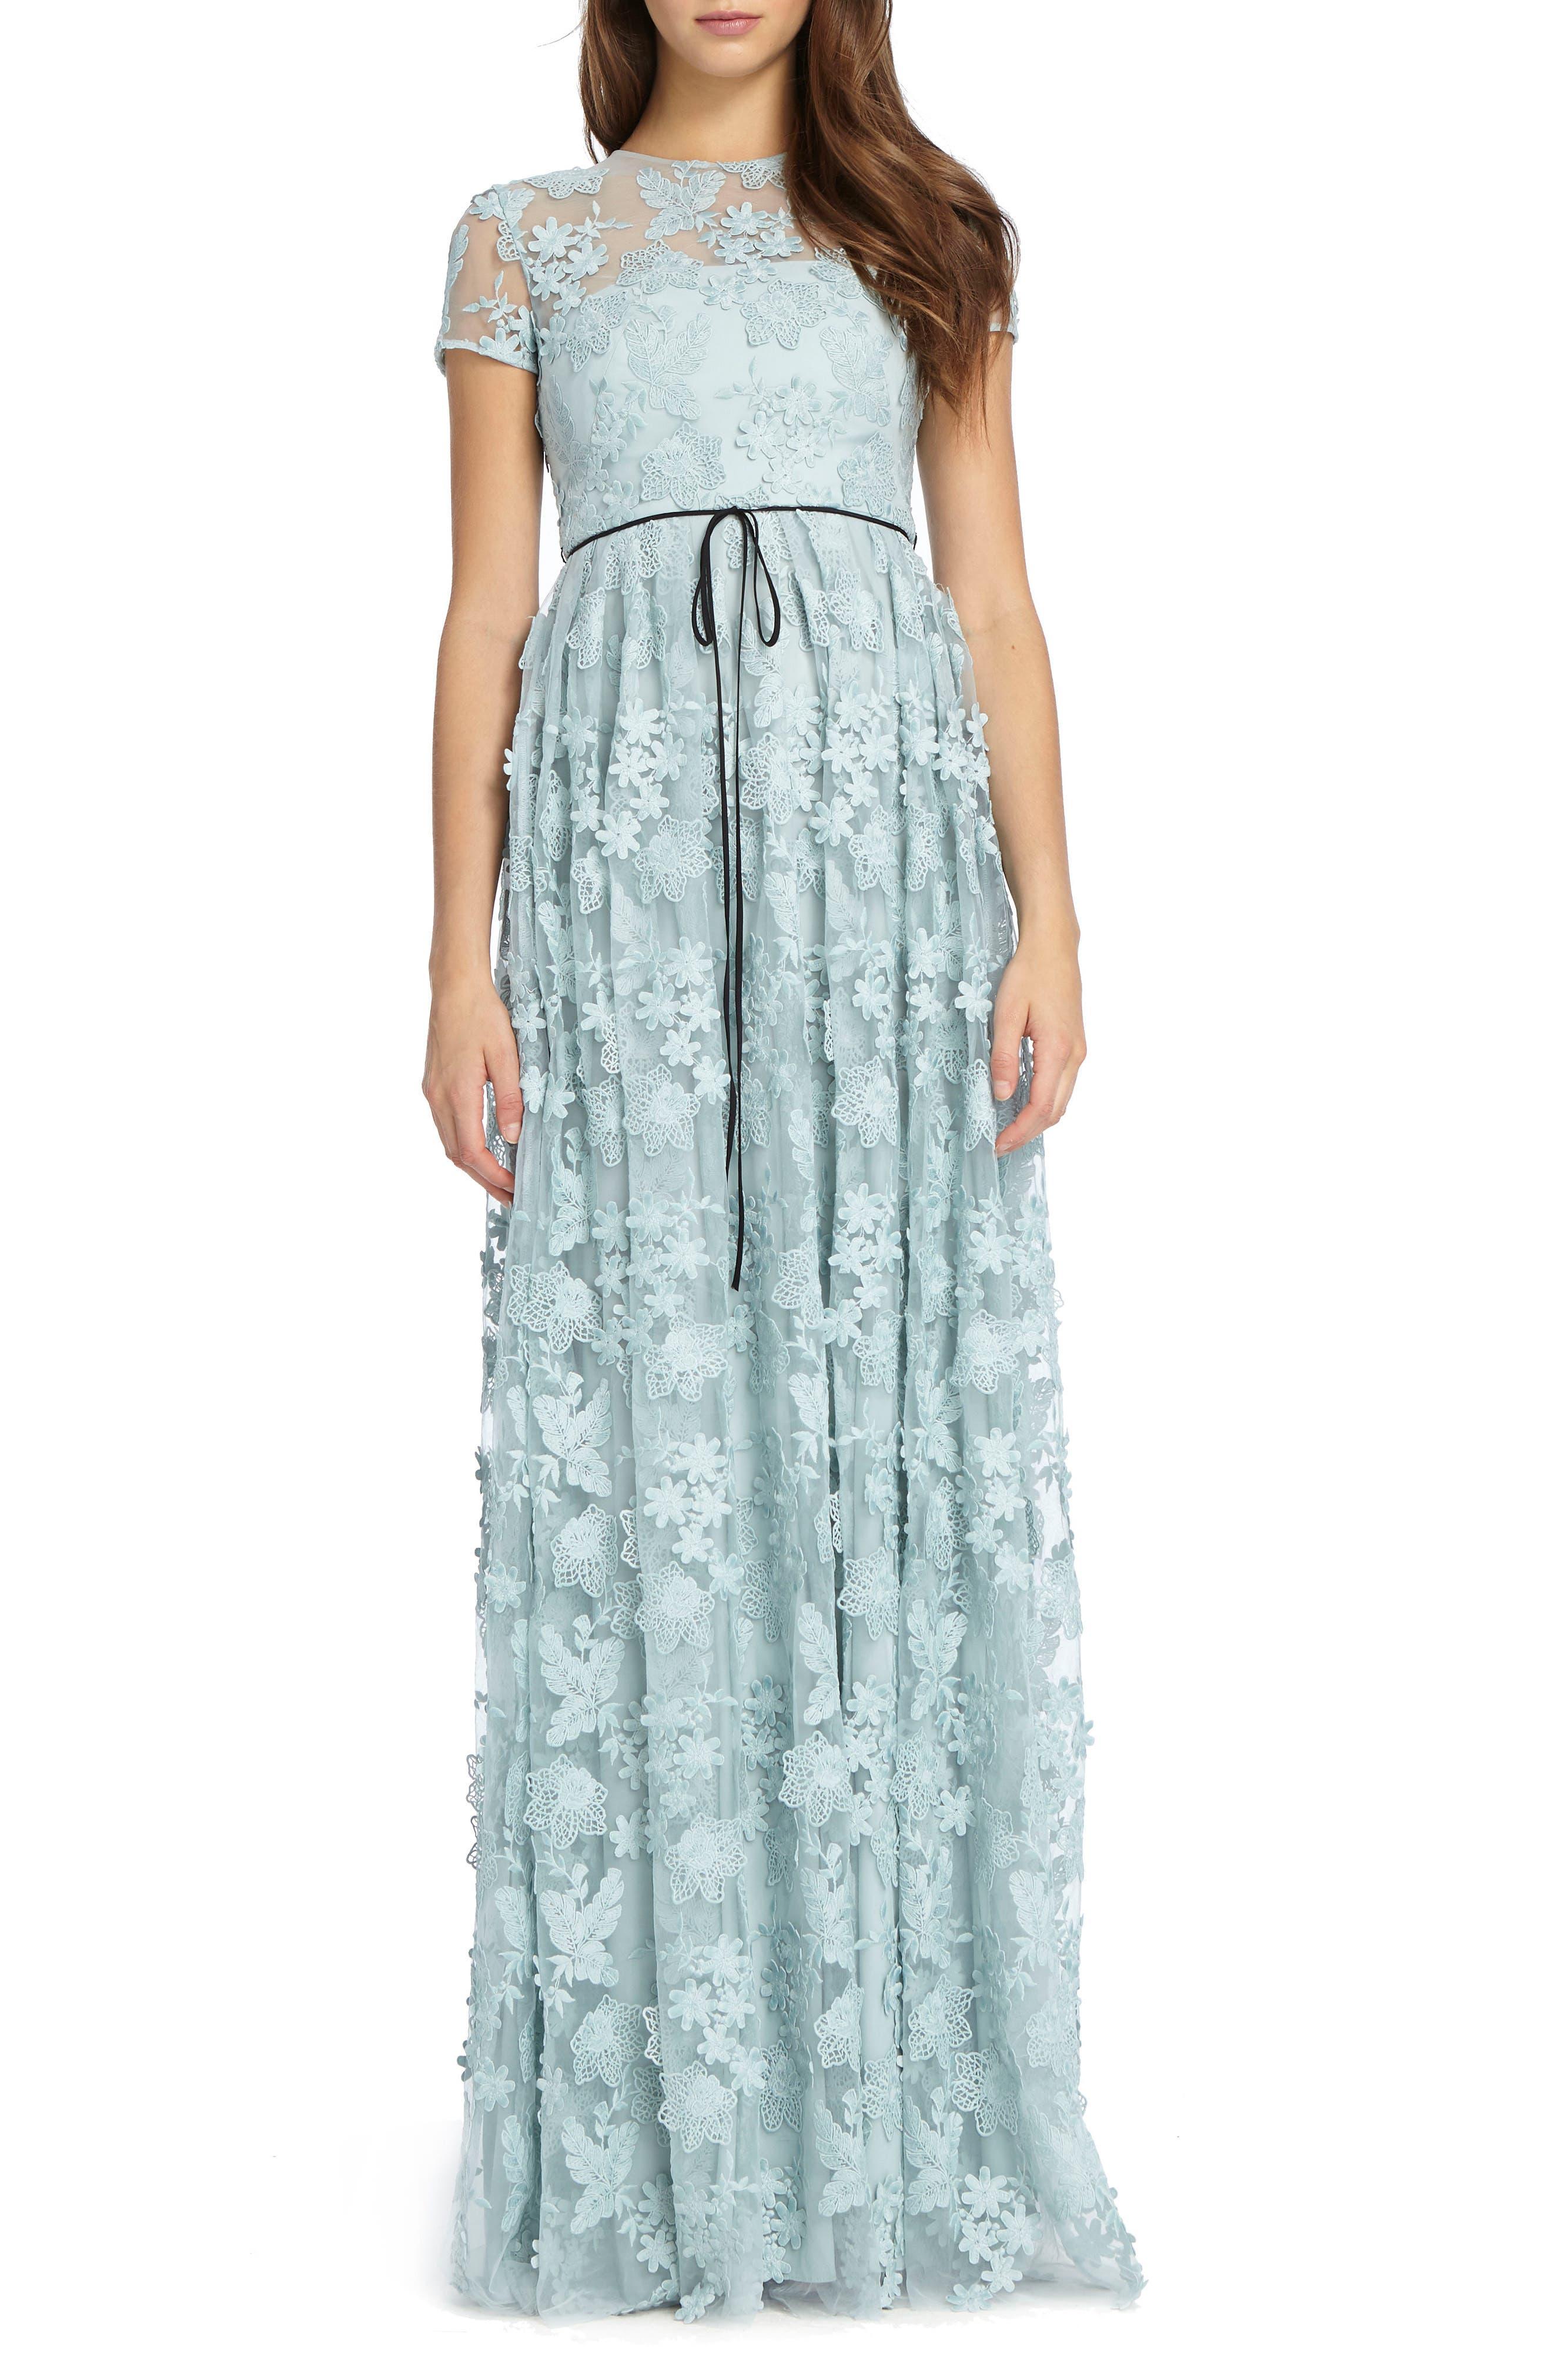 3D Floral Appliqué Gown,                             Main thumbnail 1, color,                             Sky